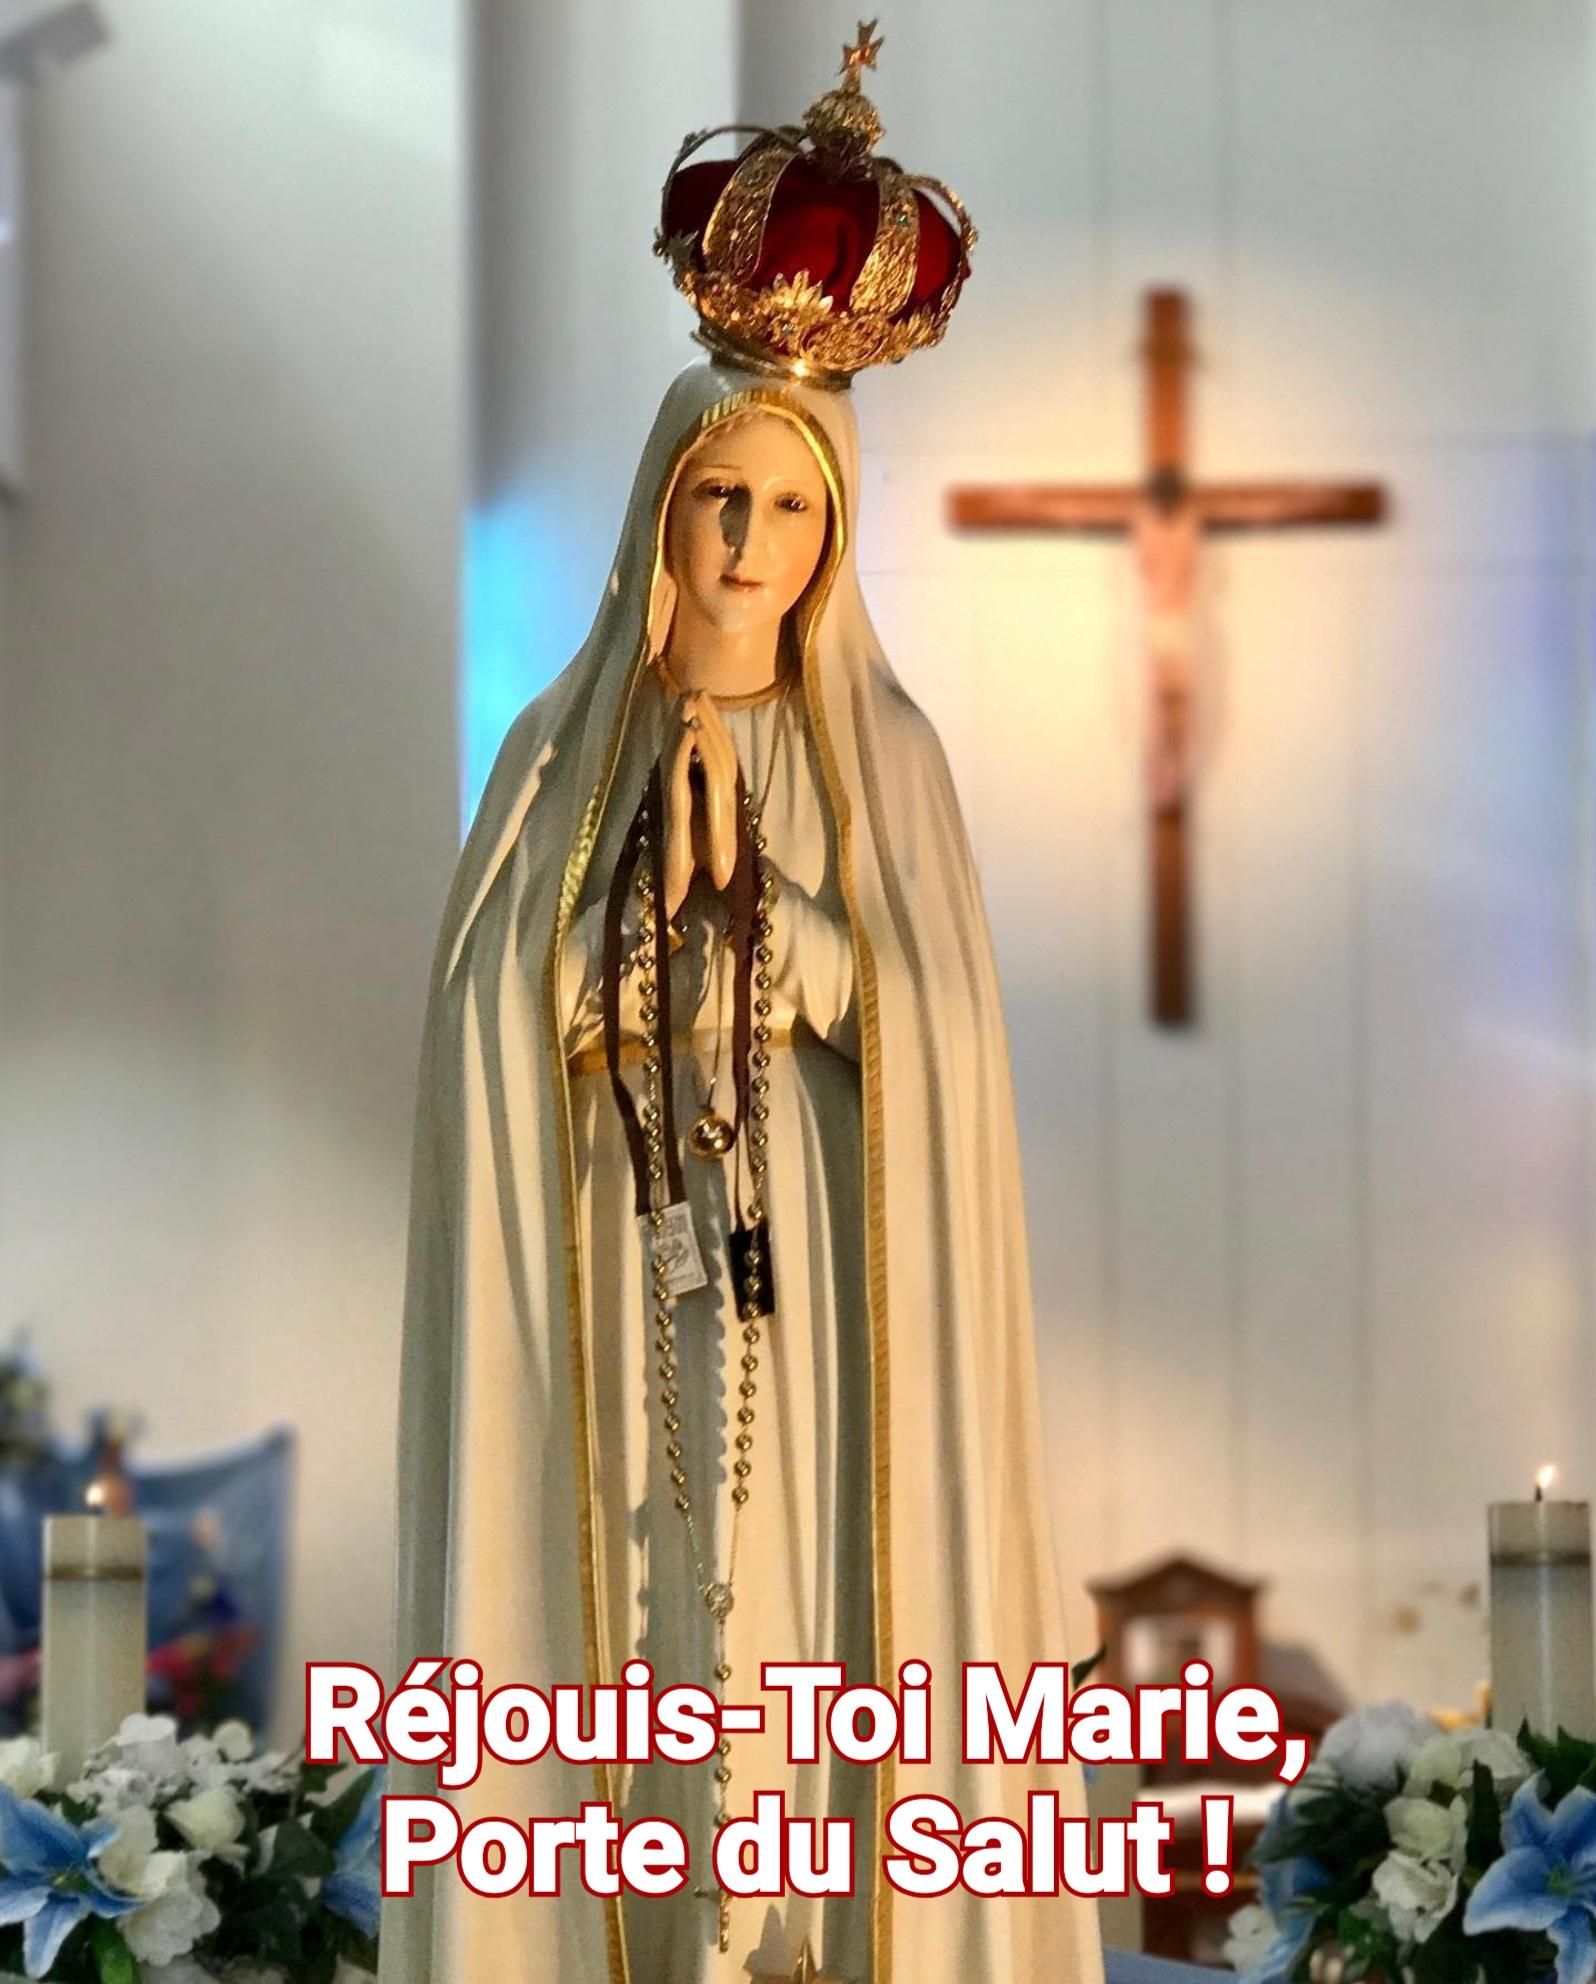 10 - Réjouis-toi Marie, Porte du salut ! - Jésus par Marie